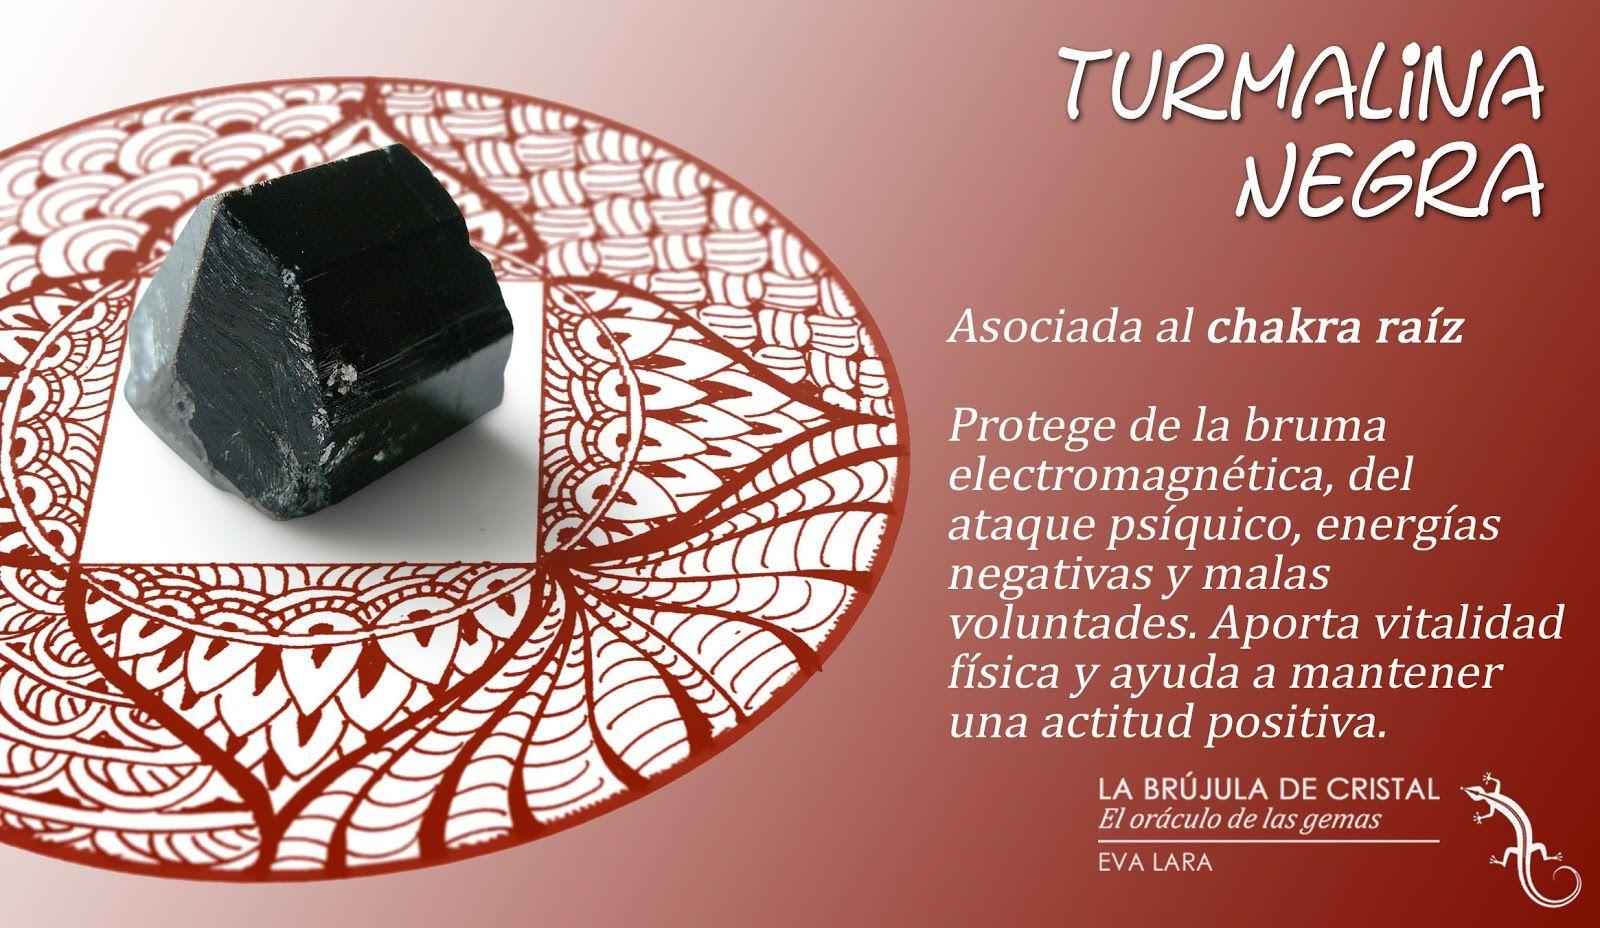 Turmalina negra chakra ra z labrujuladecristal la - Propiedades piedras naturales ...